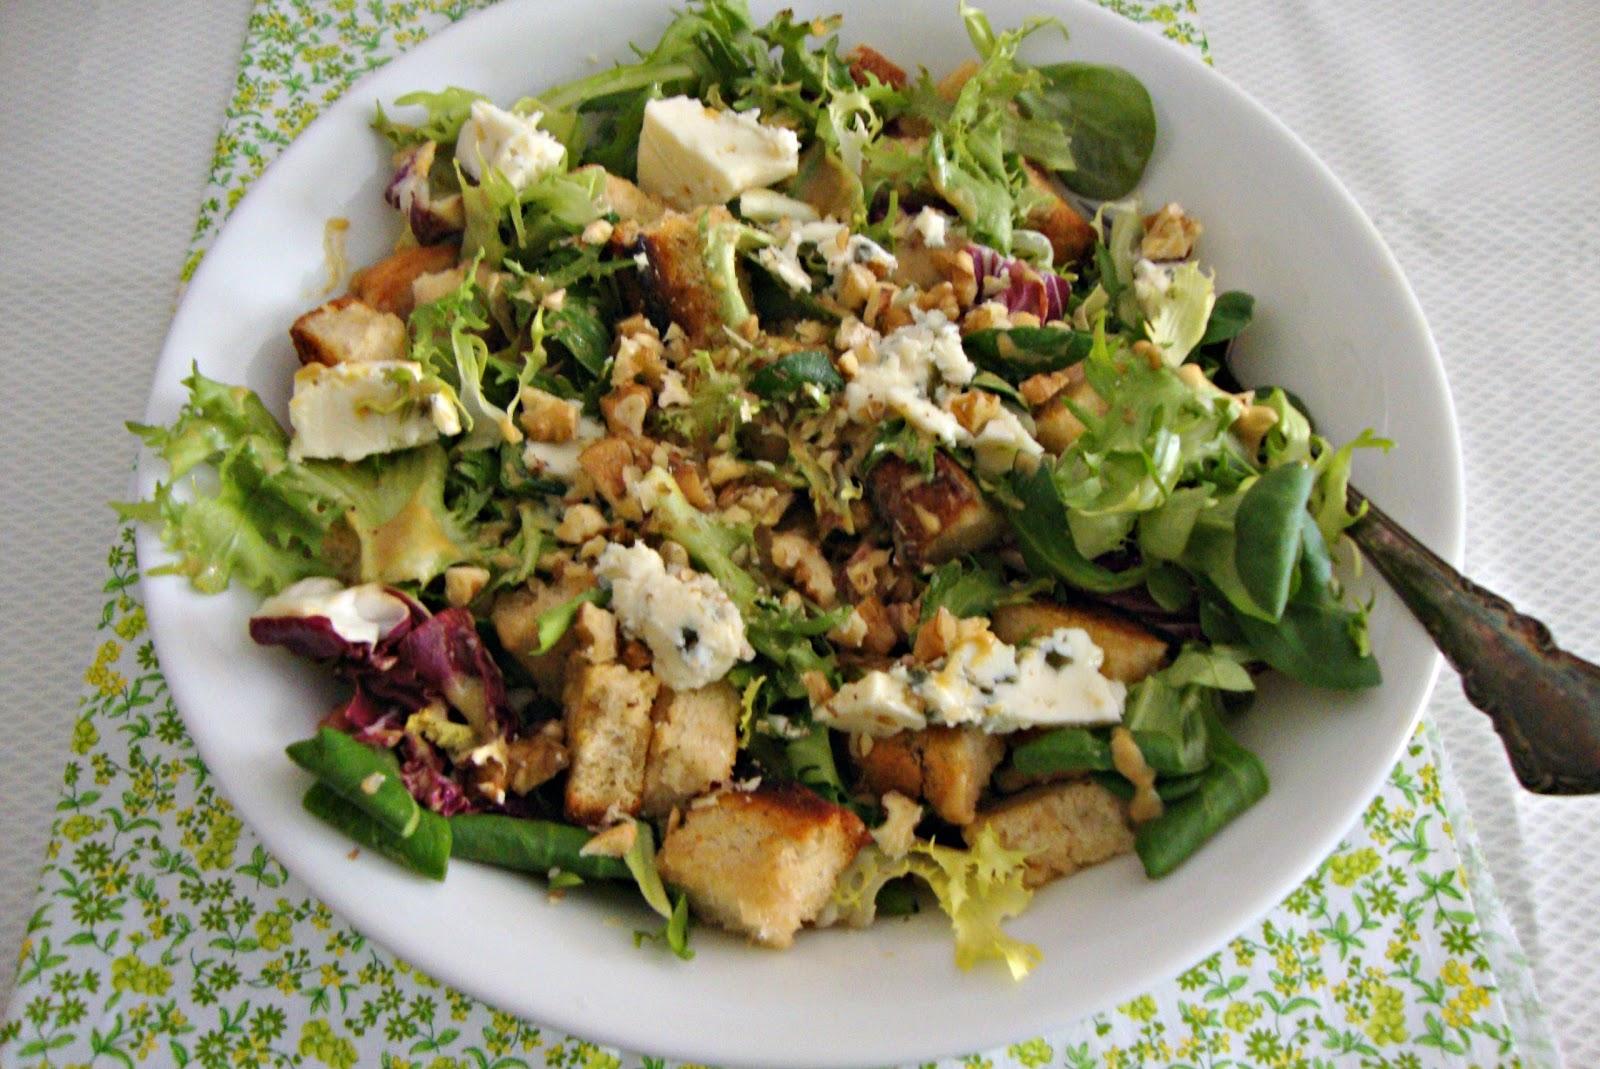 Az car y sal en tu cocina ensalada r stica con roquefort for Cocina 5 ingredientes jamie oliver